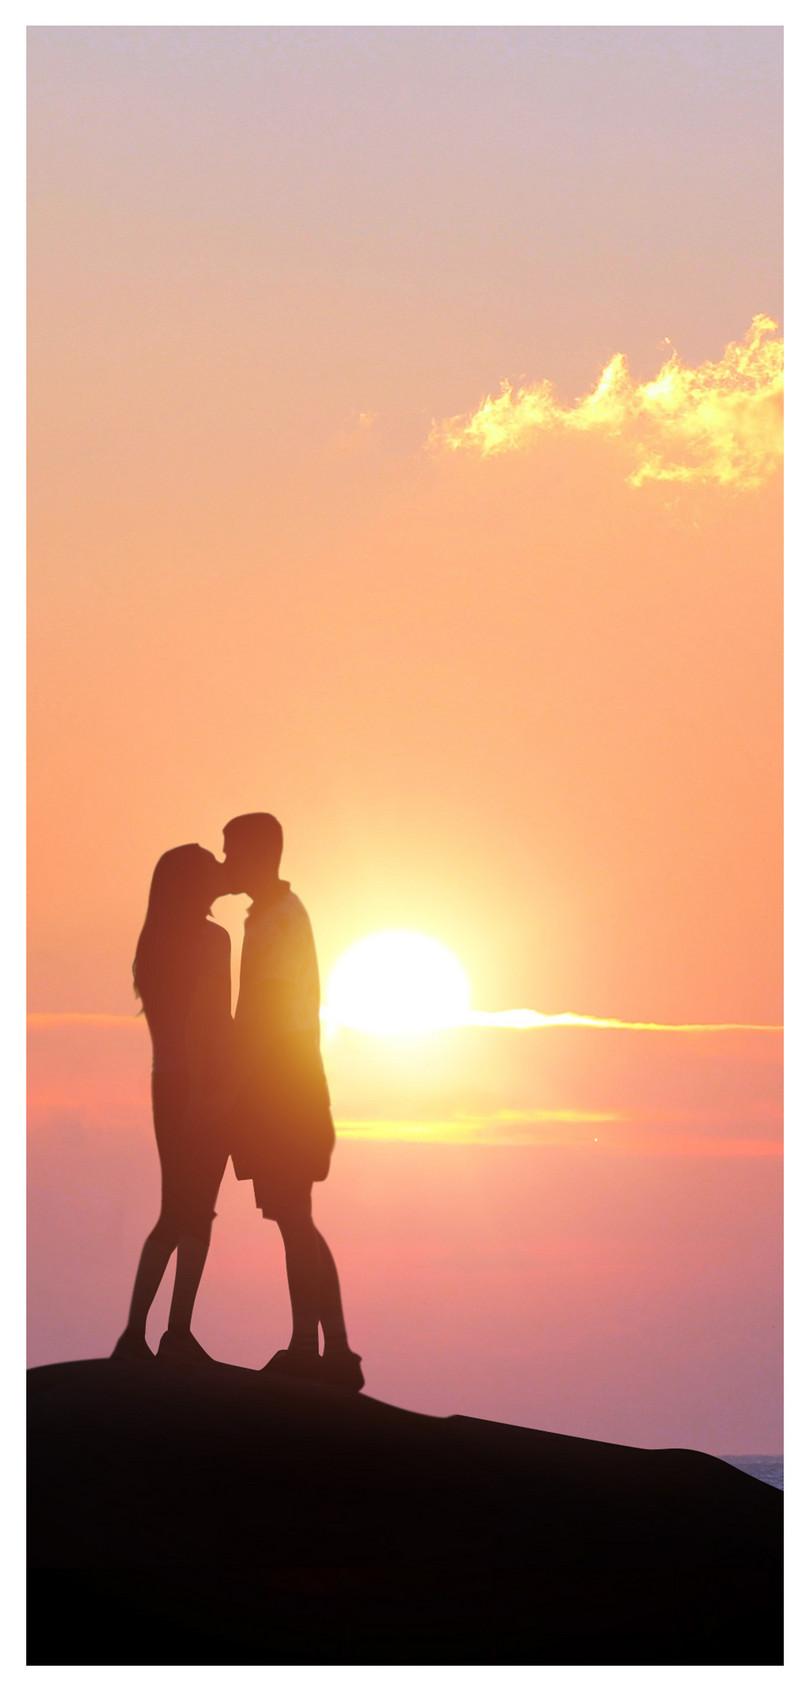 日没のカップルシルエット携帯電話の壁紙イメージ 背景 Id